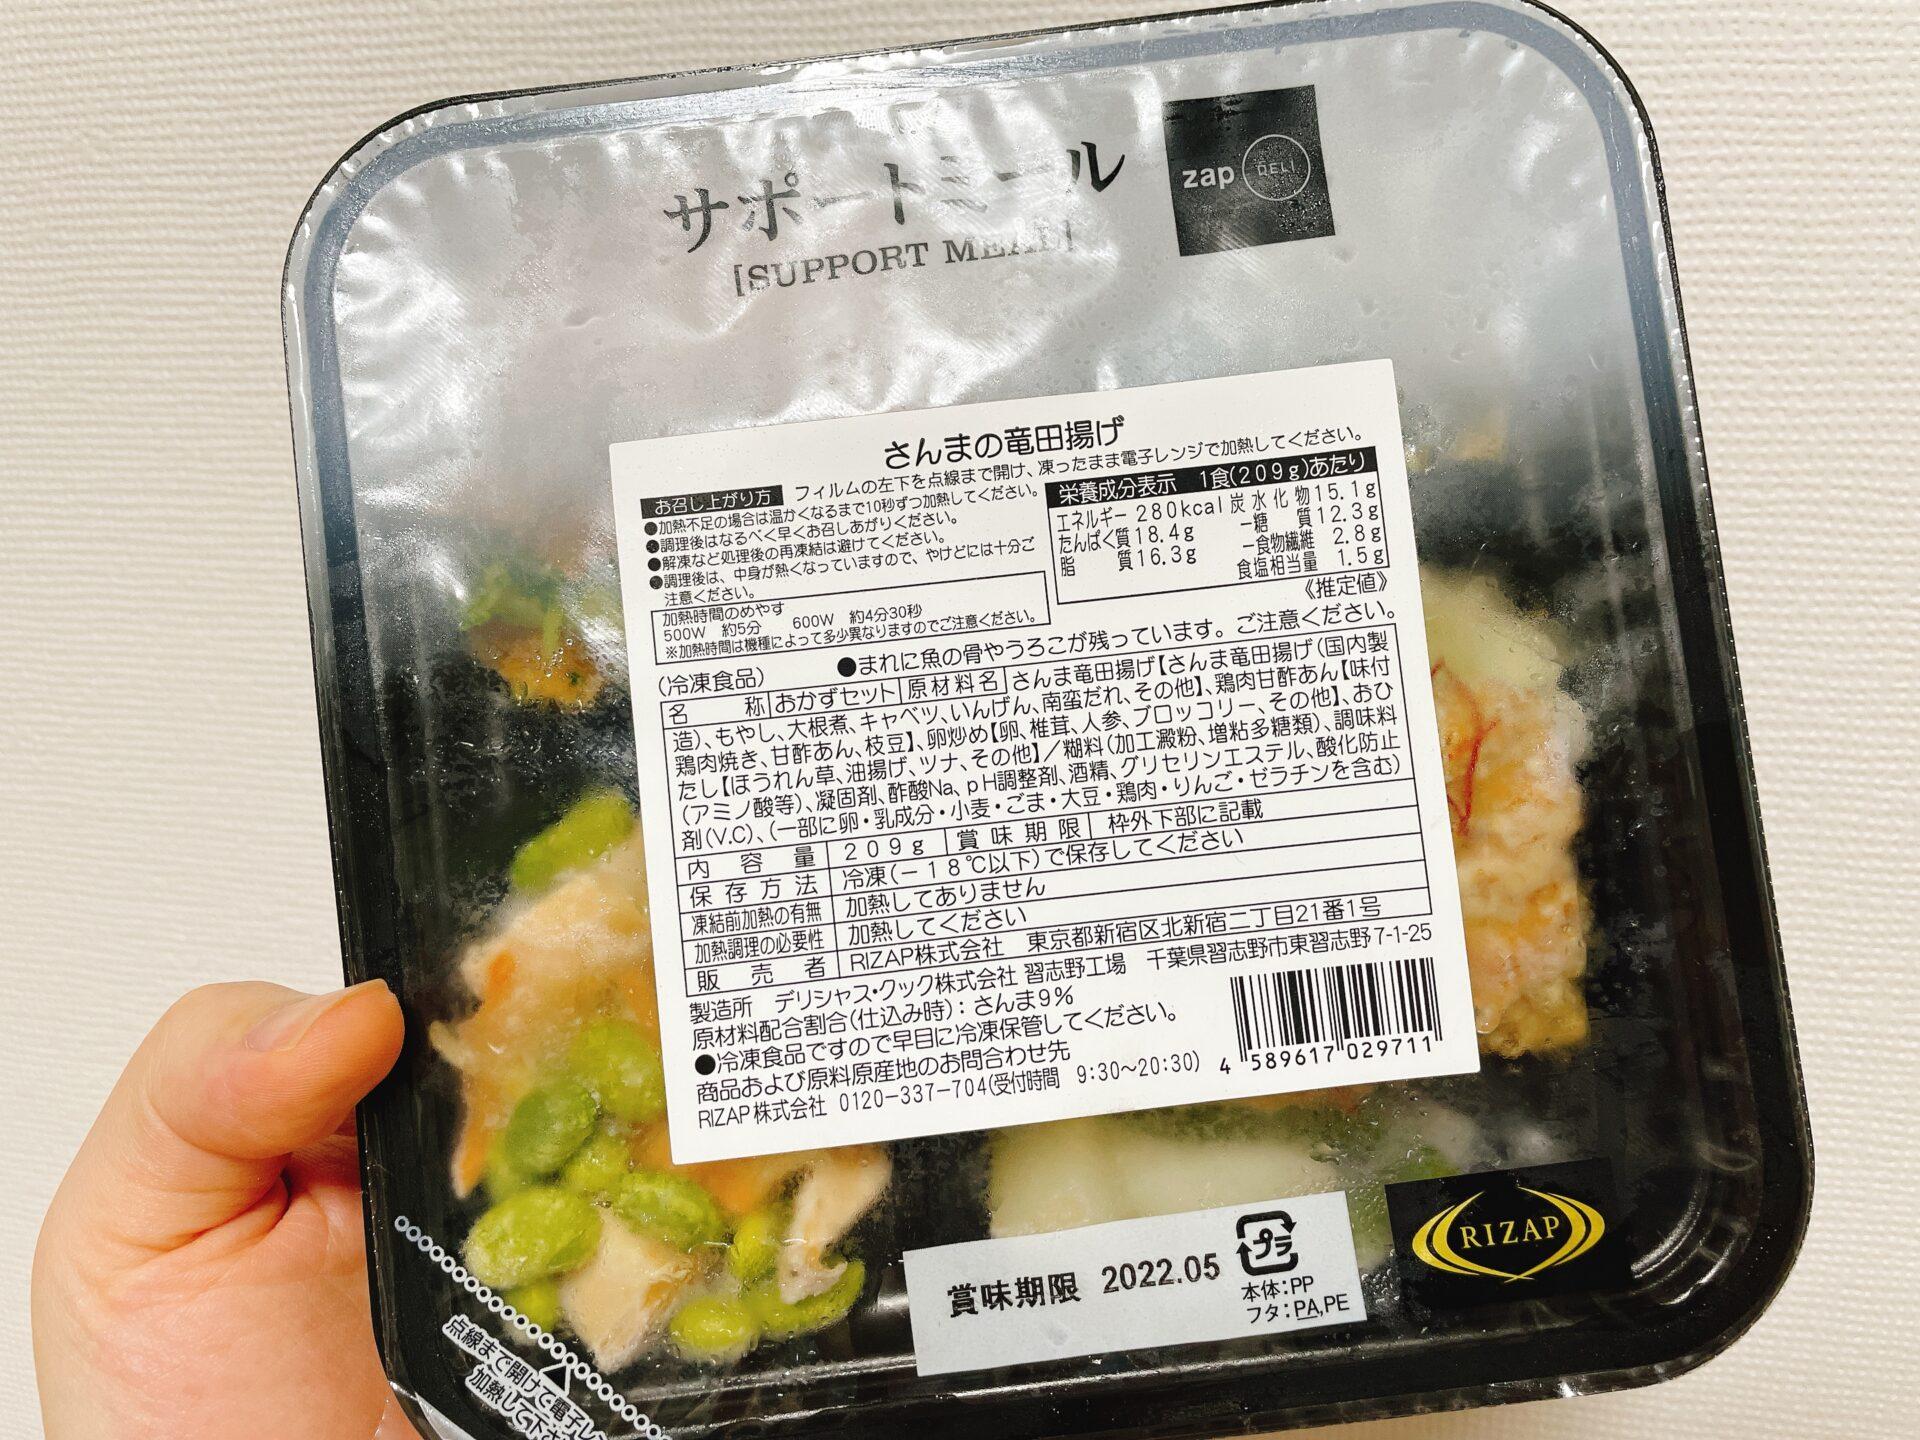 ライザップサポートミール「さんまの竜田揚げ」を実食